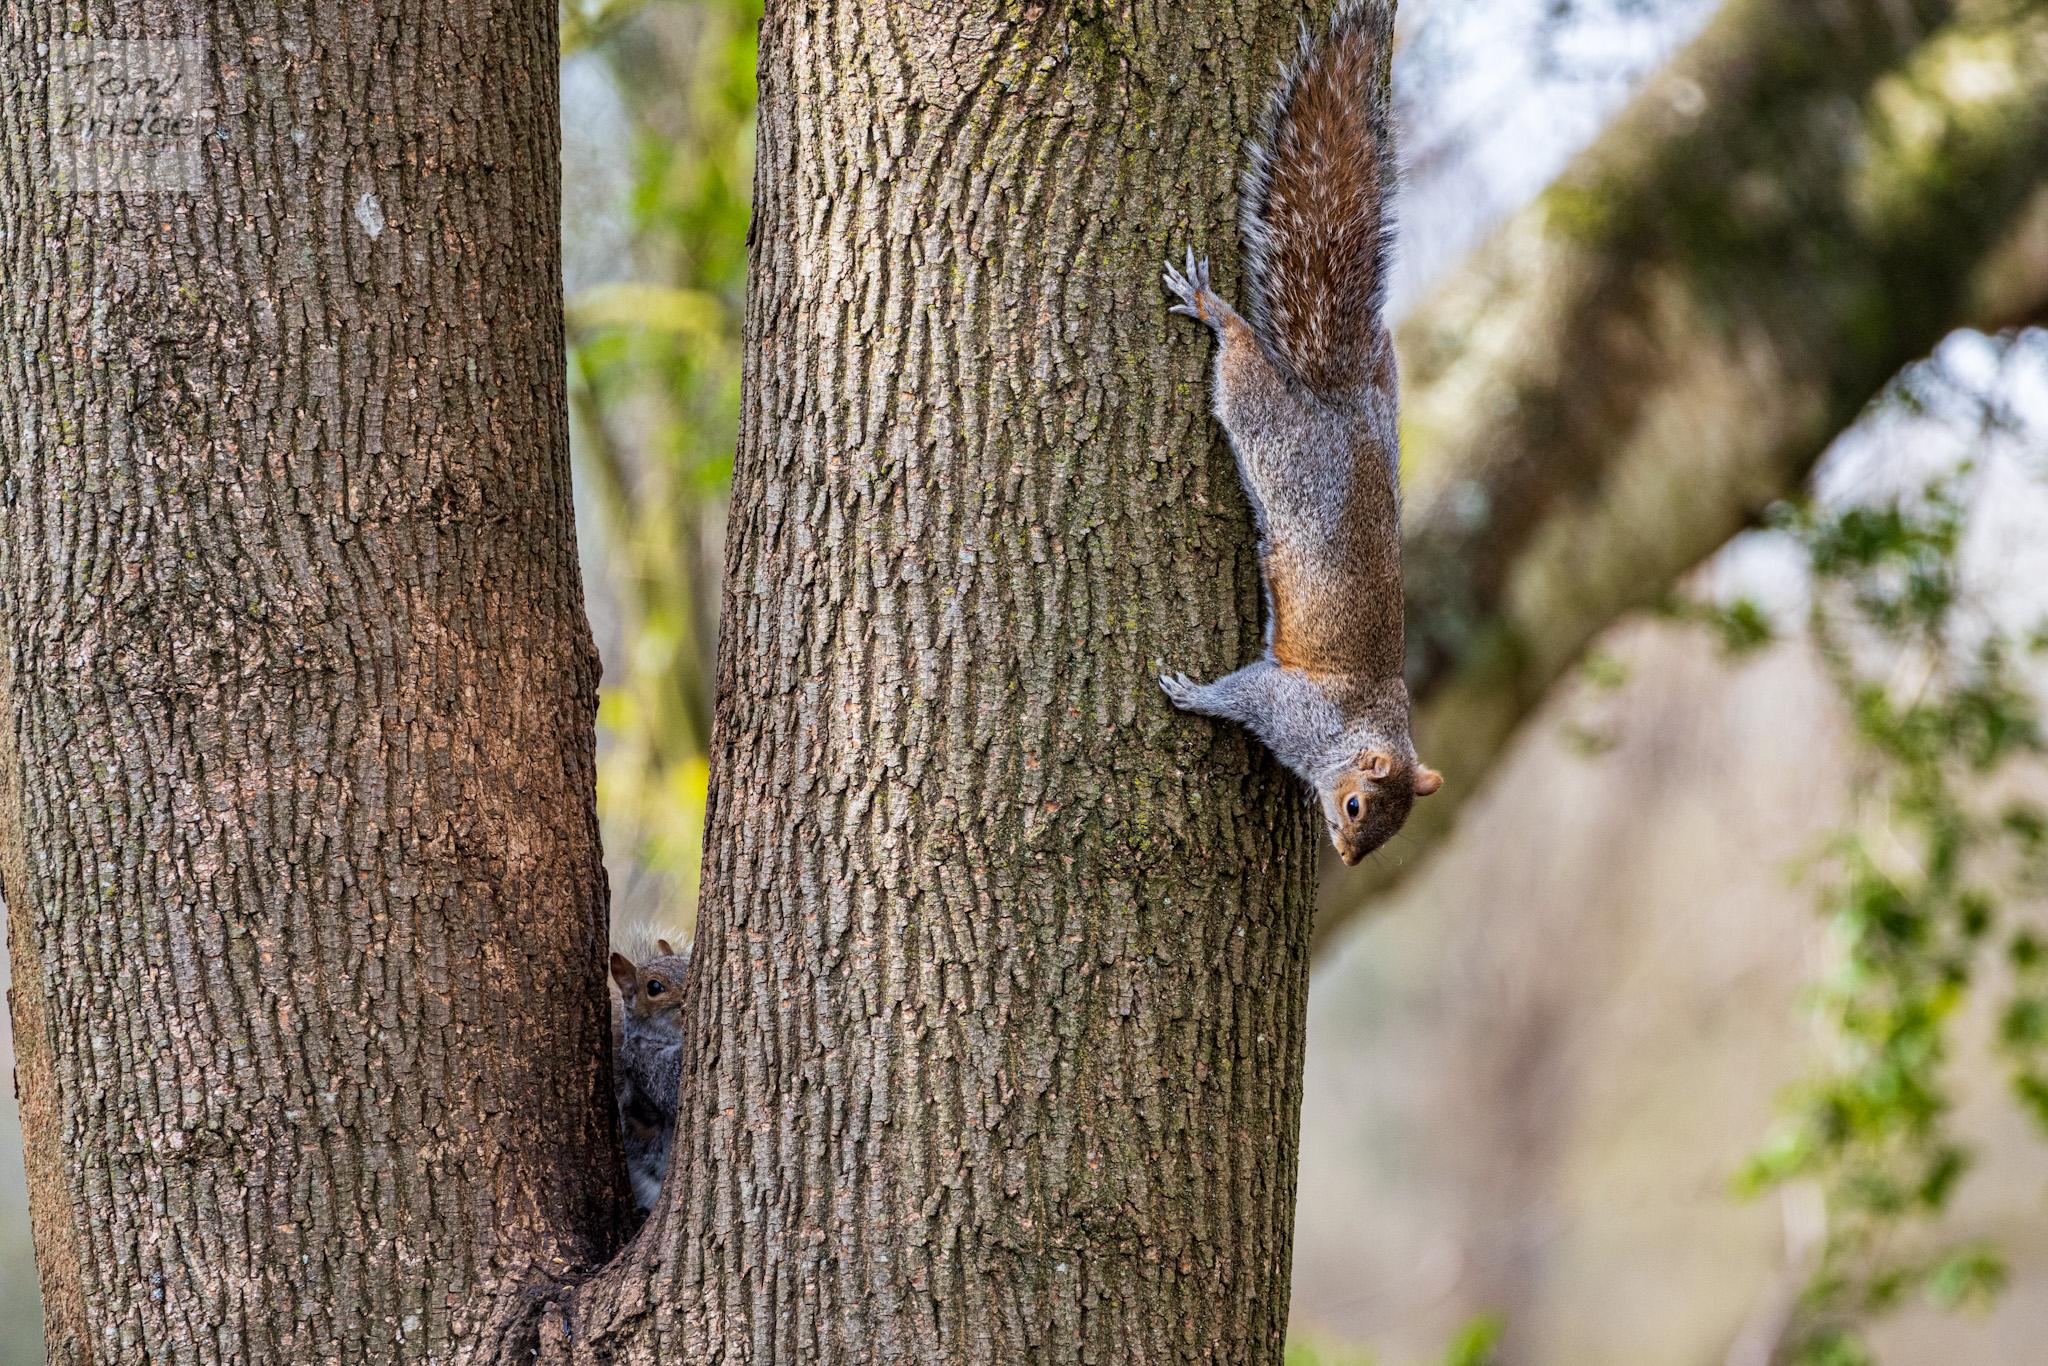 Squirrel hide and seek